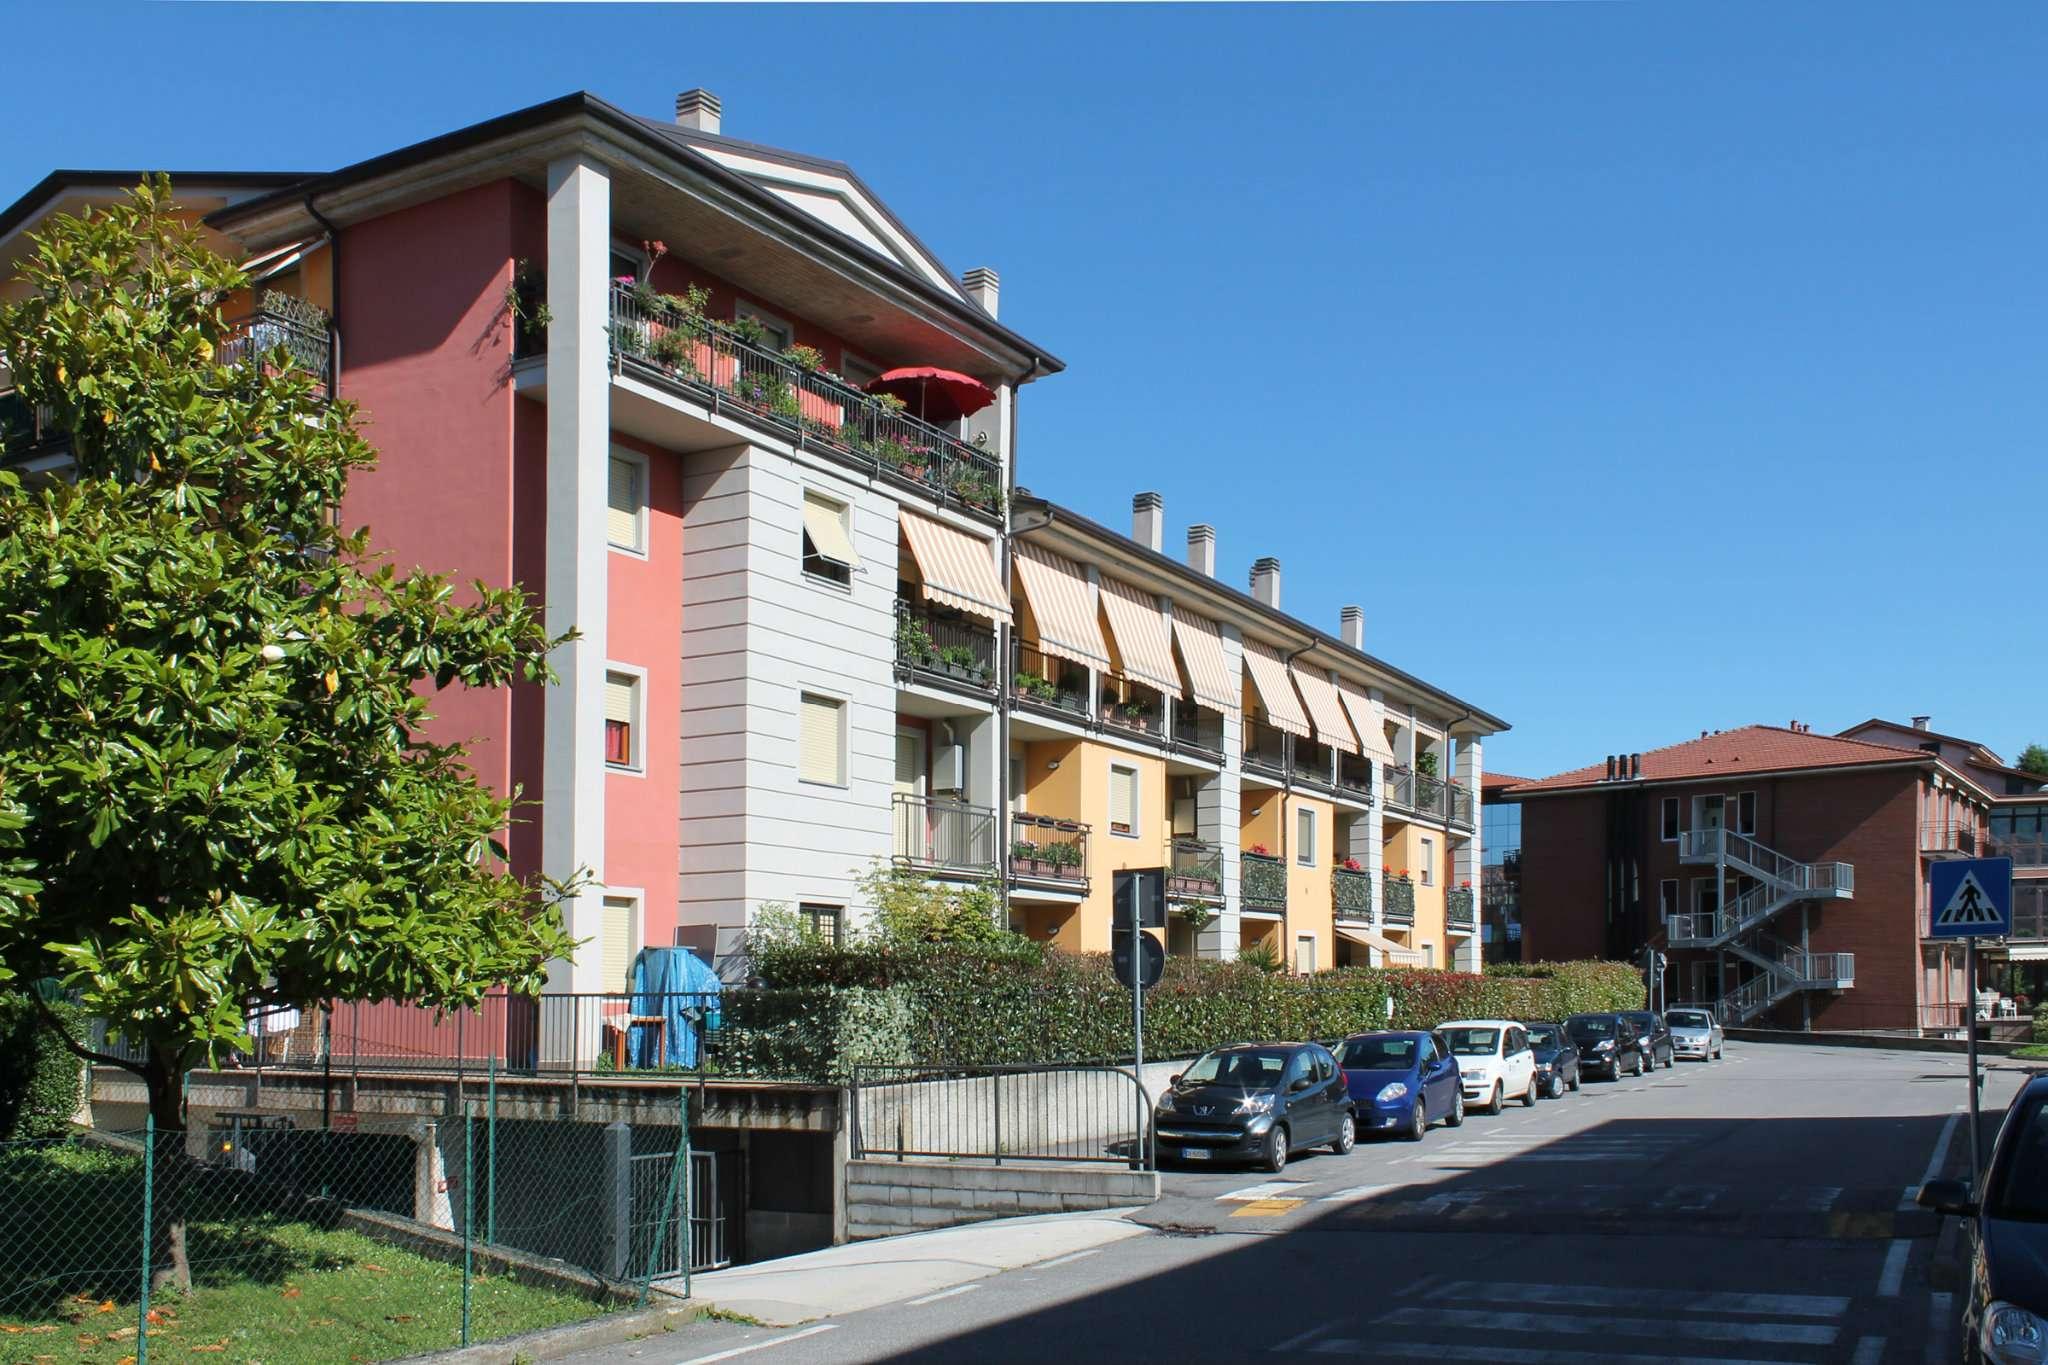 Appartamento in vendita a Brivio, 1 locali, prezzo € 90.000 | Cambio Casa.it